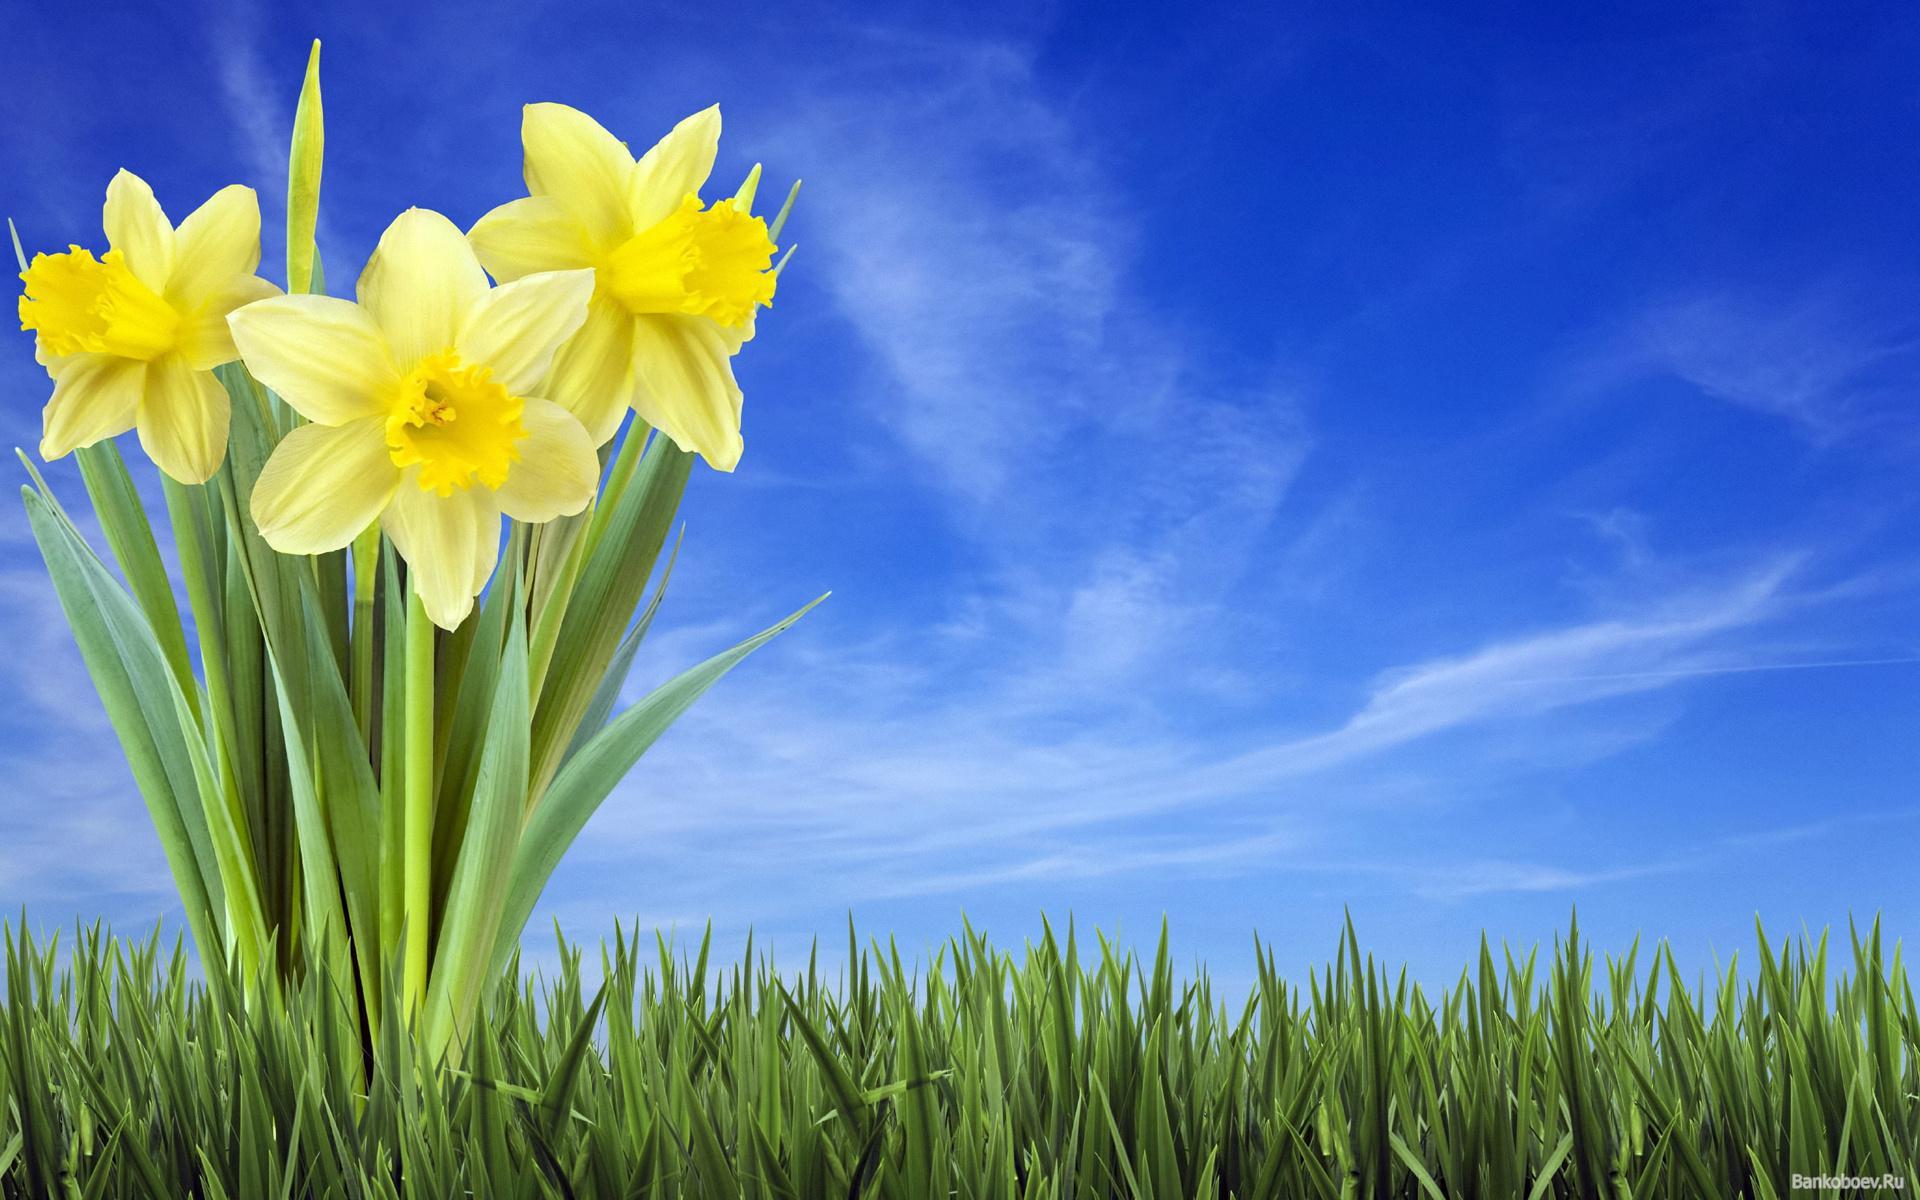 HD Daffodils In Grass Wallpaper